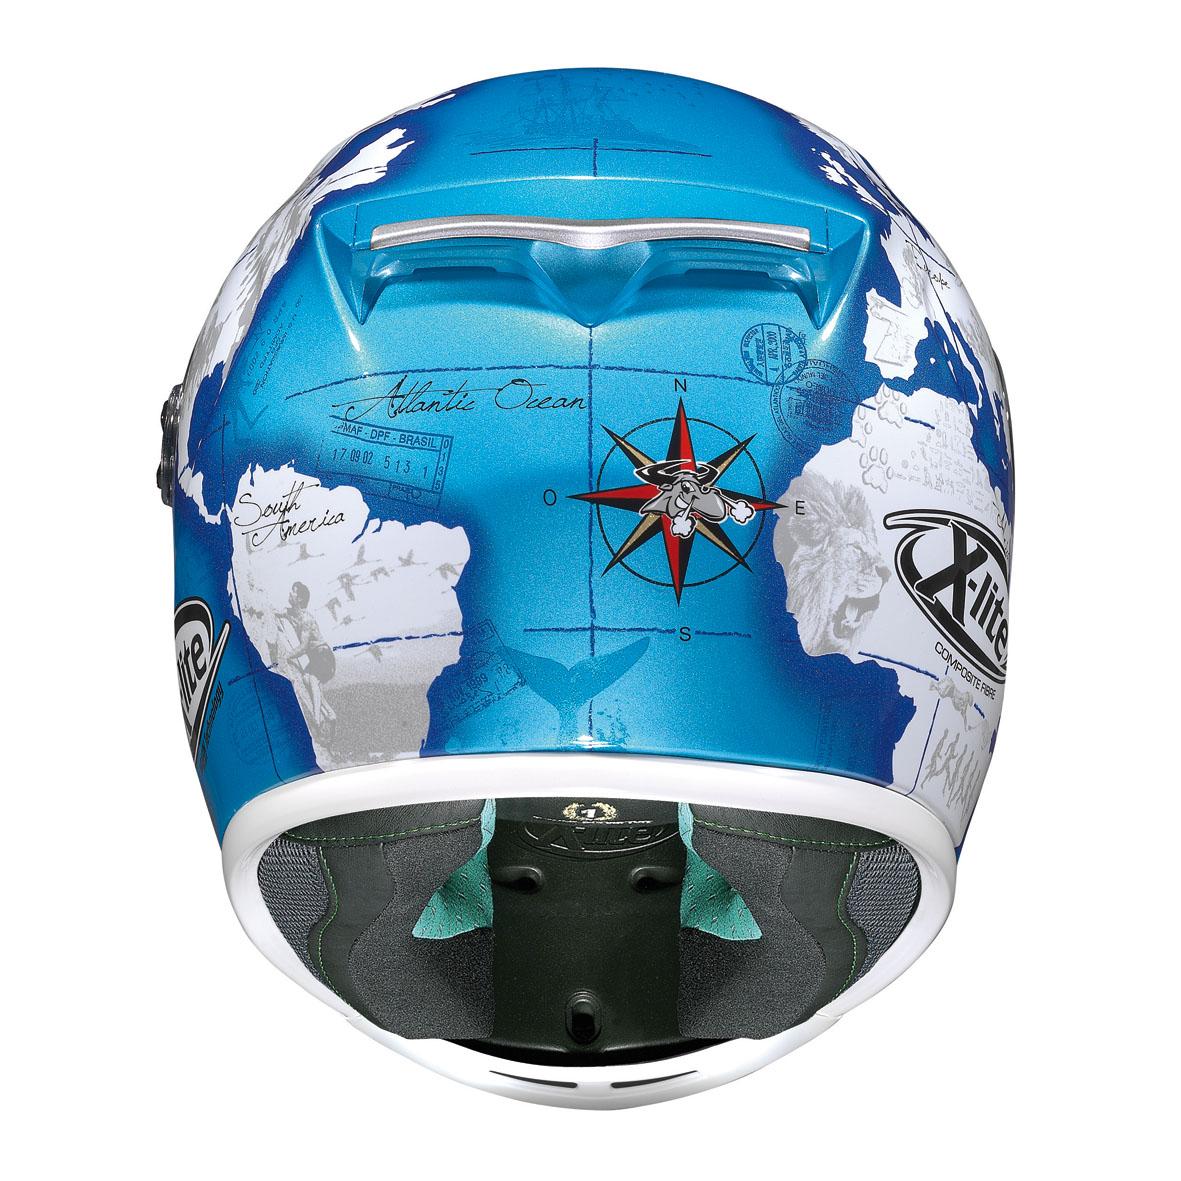 CASCO X LITE X-802RR REPLICA 27 C.CHECA - PEARL BLUE